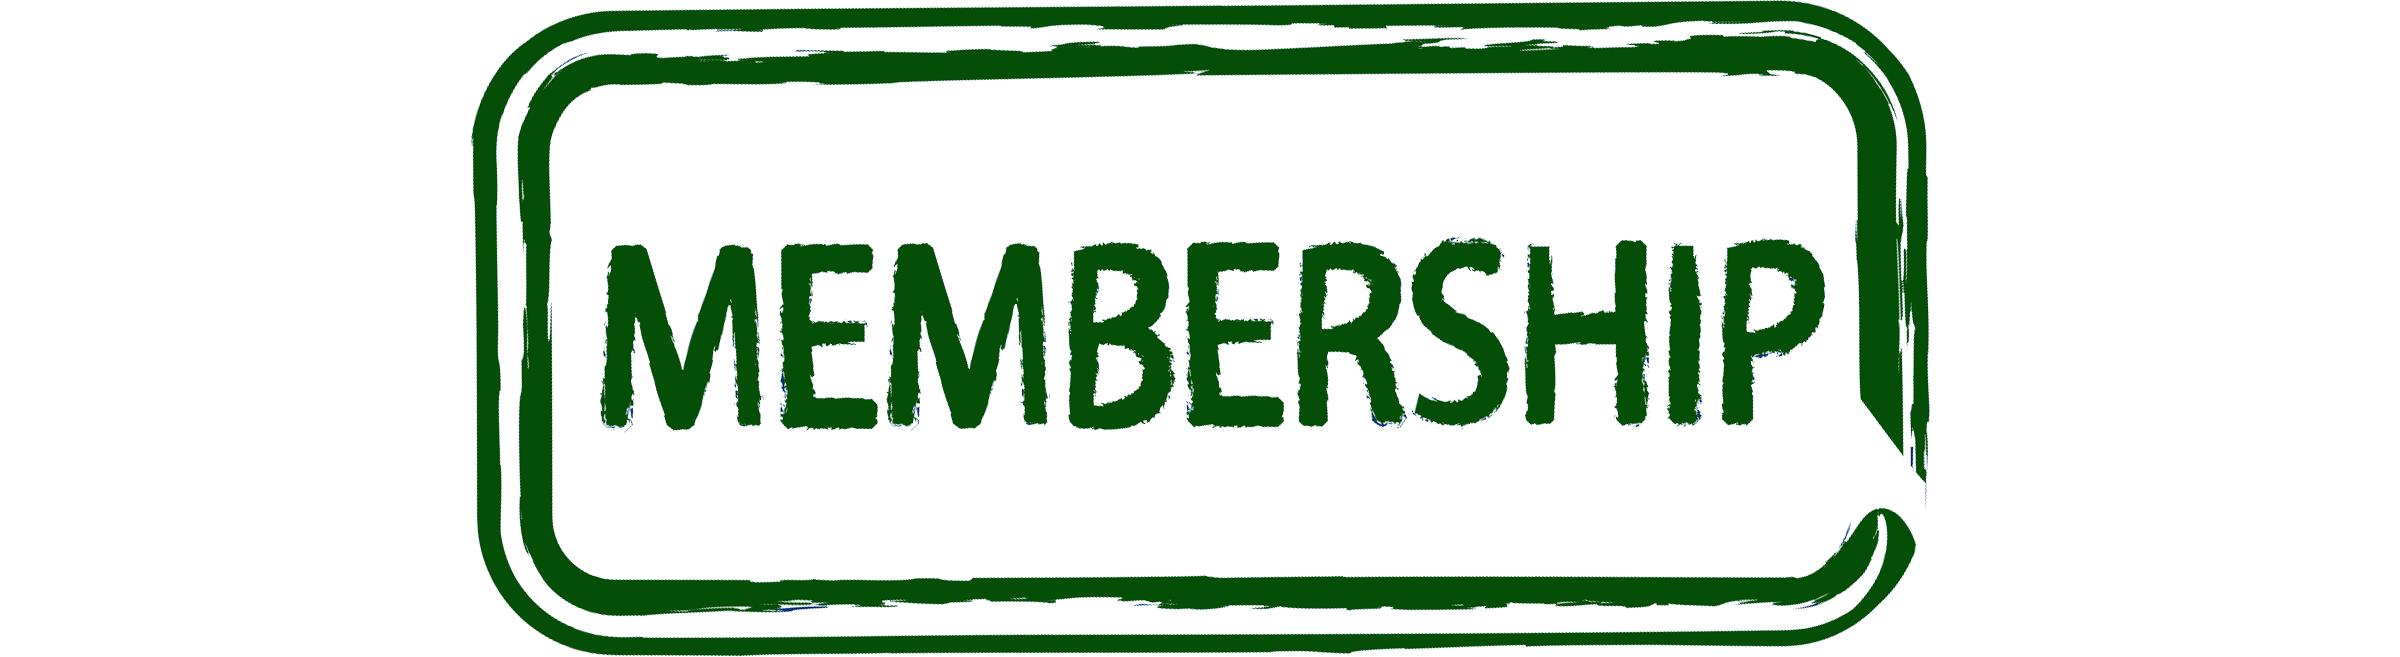 membership3.png